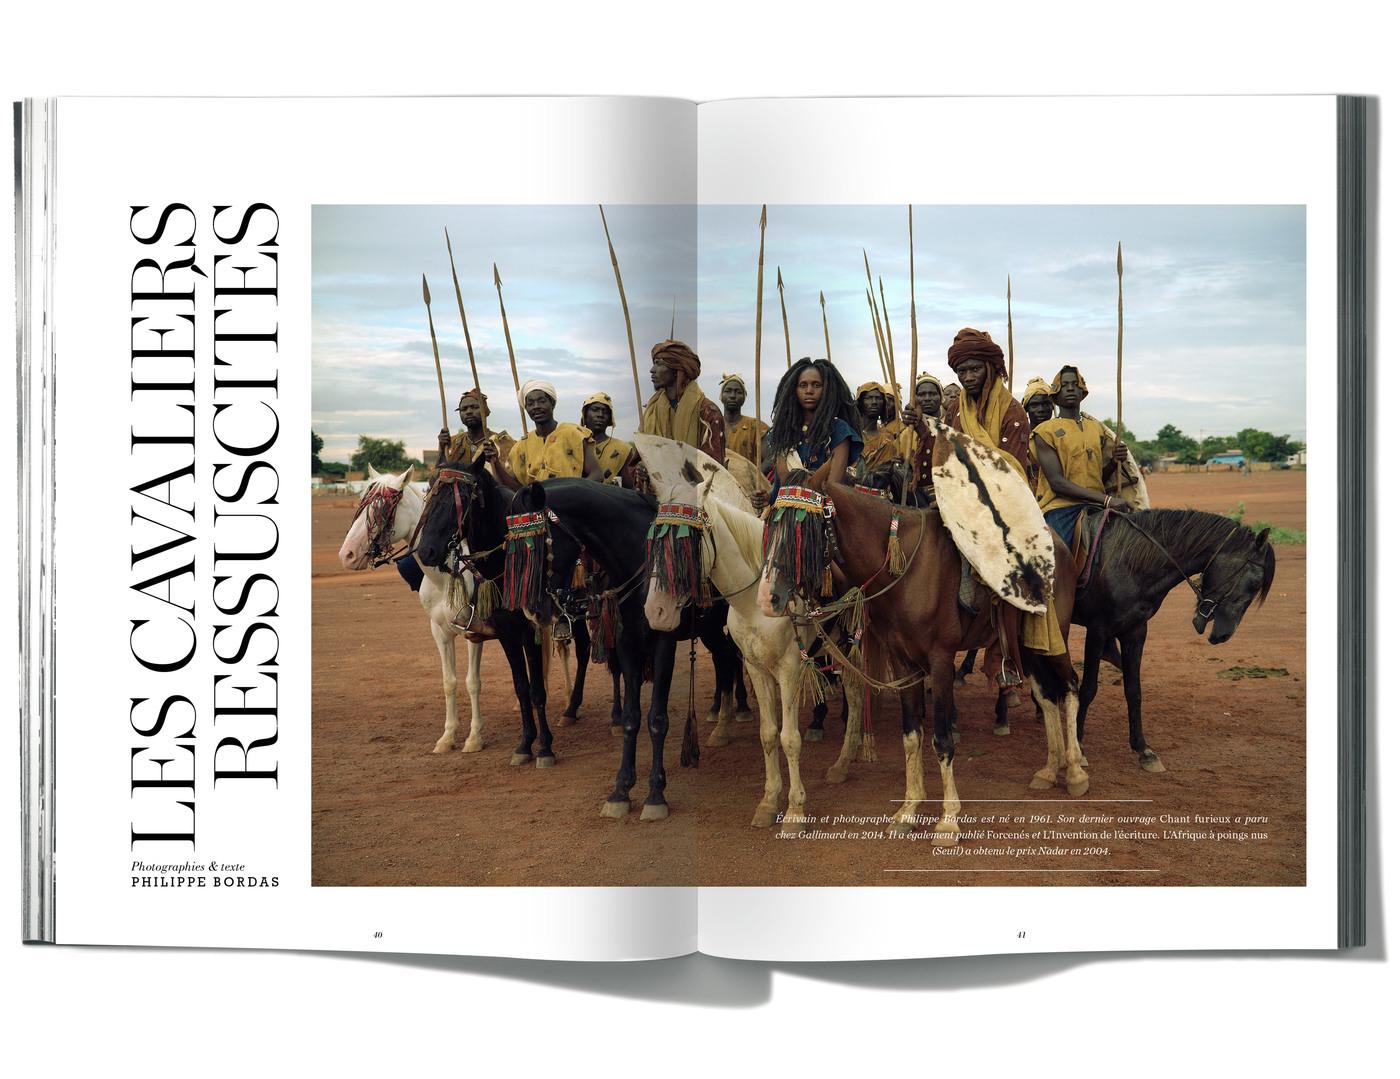 Photographies & Texte de Philippe Bordas, Les Cavaliers ressuscités